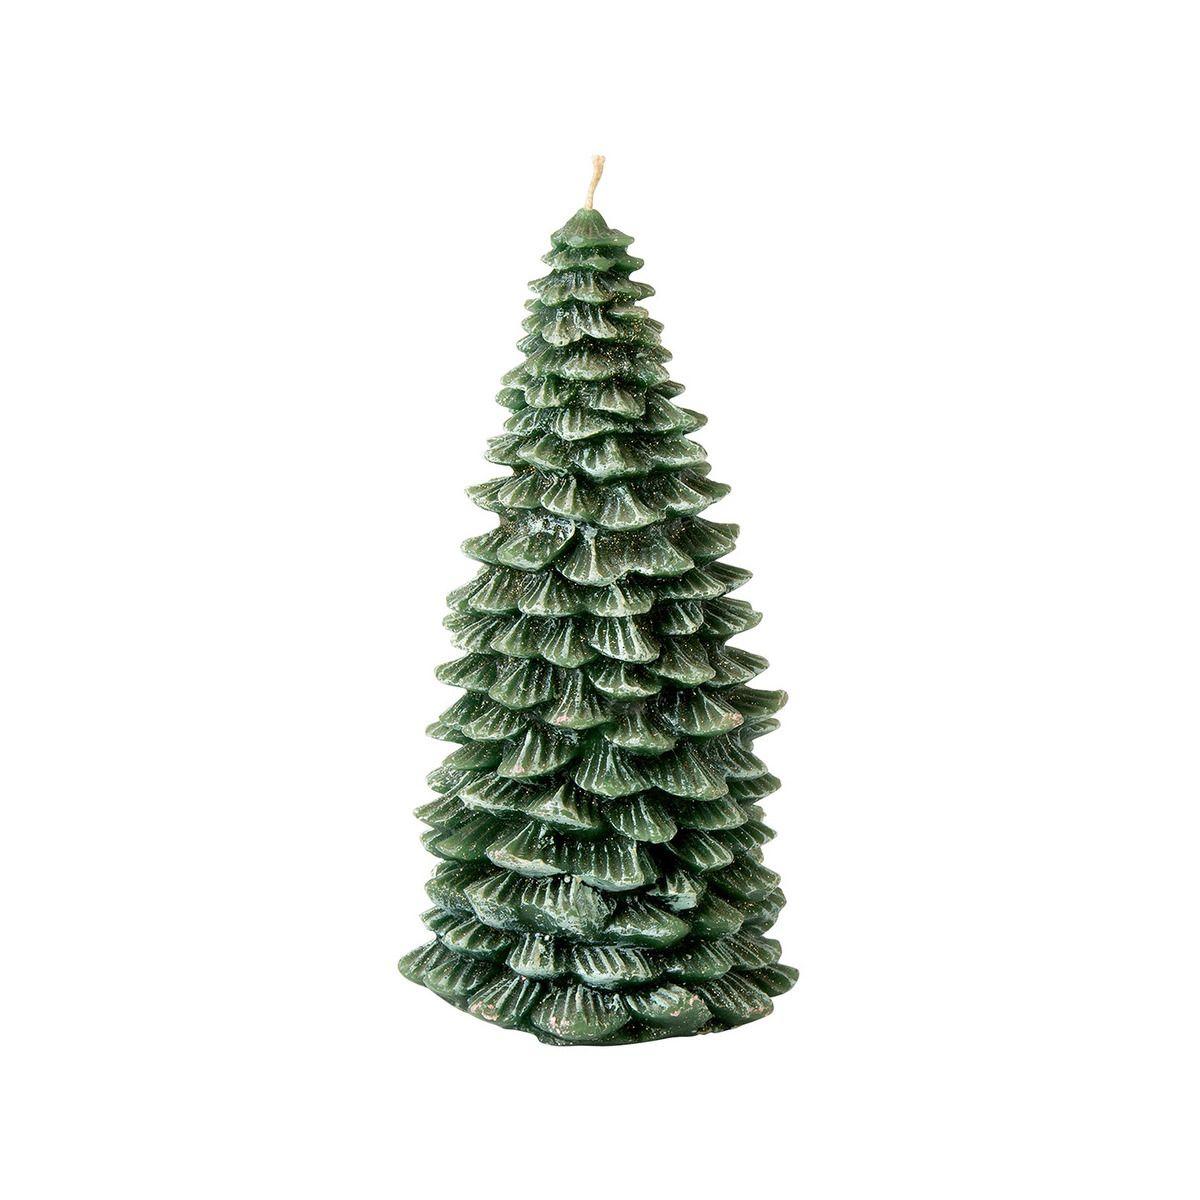 Vela Rbol De Navidad Grande Por El Corte Ingl S Decoraci N De  ~ Decoracion Navidad Corte Ingles